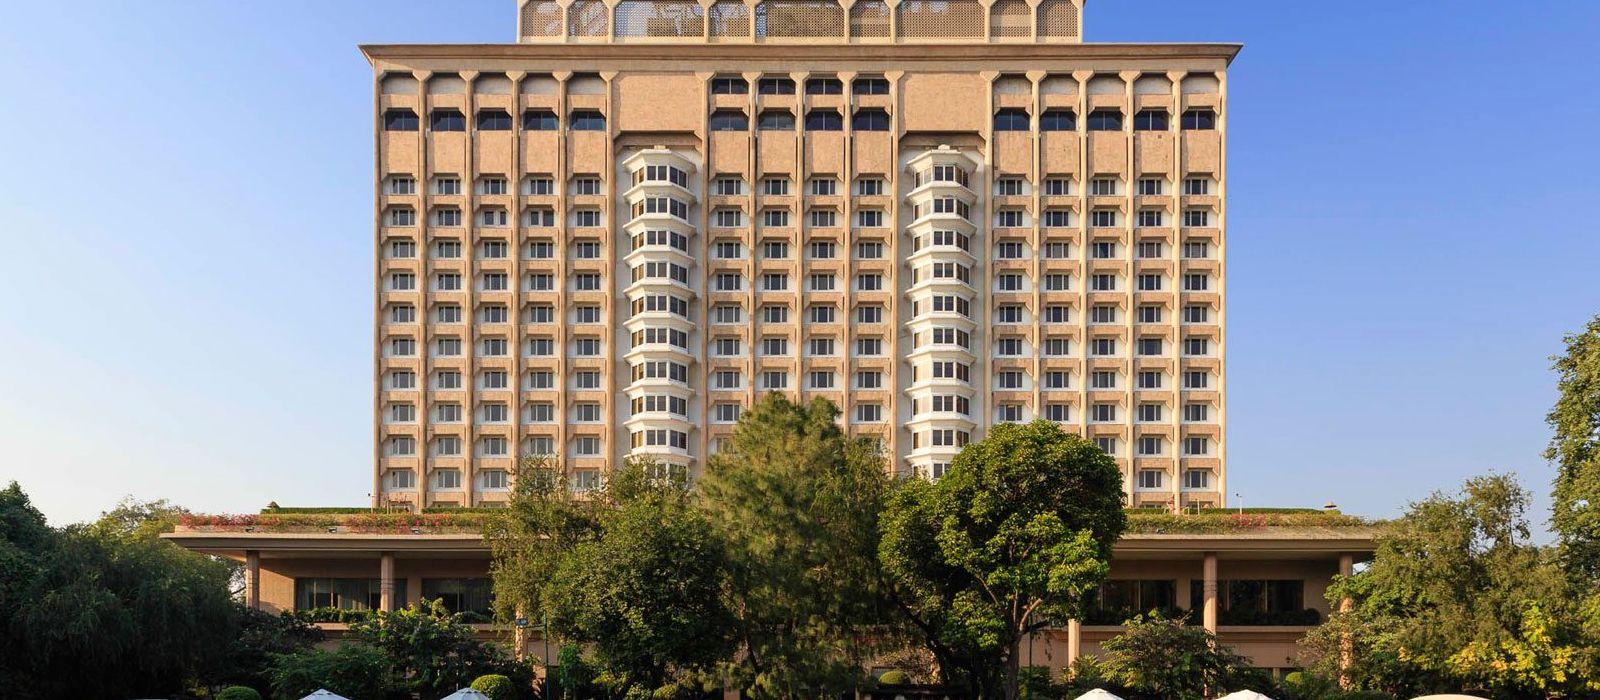 Hotel Taj Mahal Delhi North India